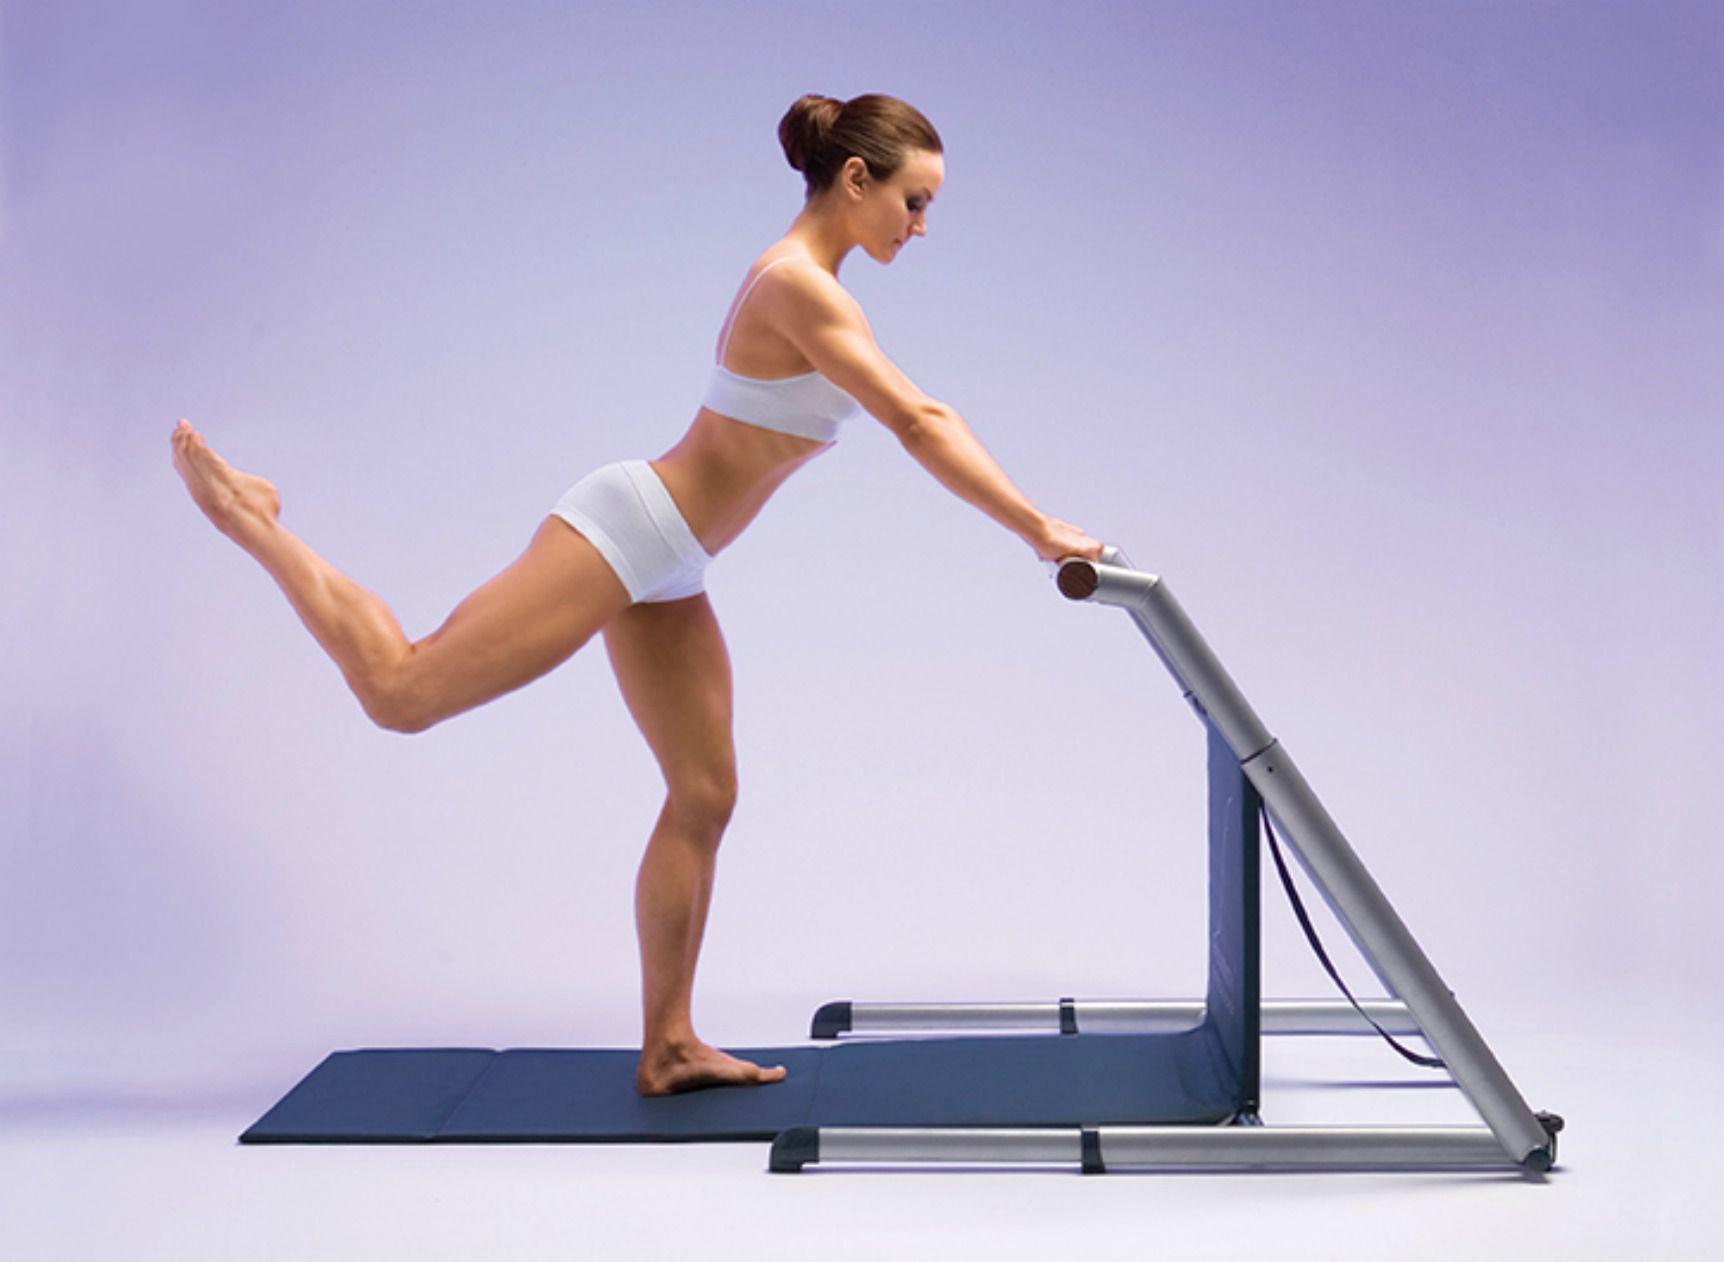 Mujer haciendo ejercicios de barra con una barra de fluidez